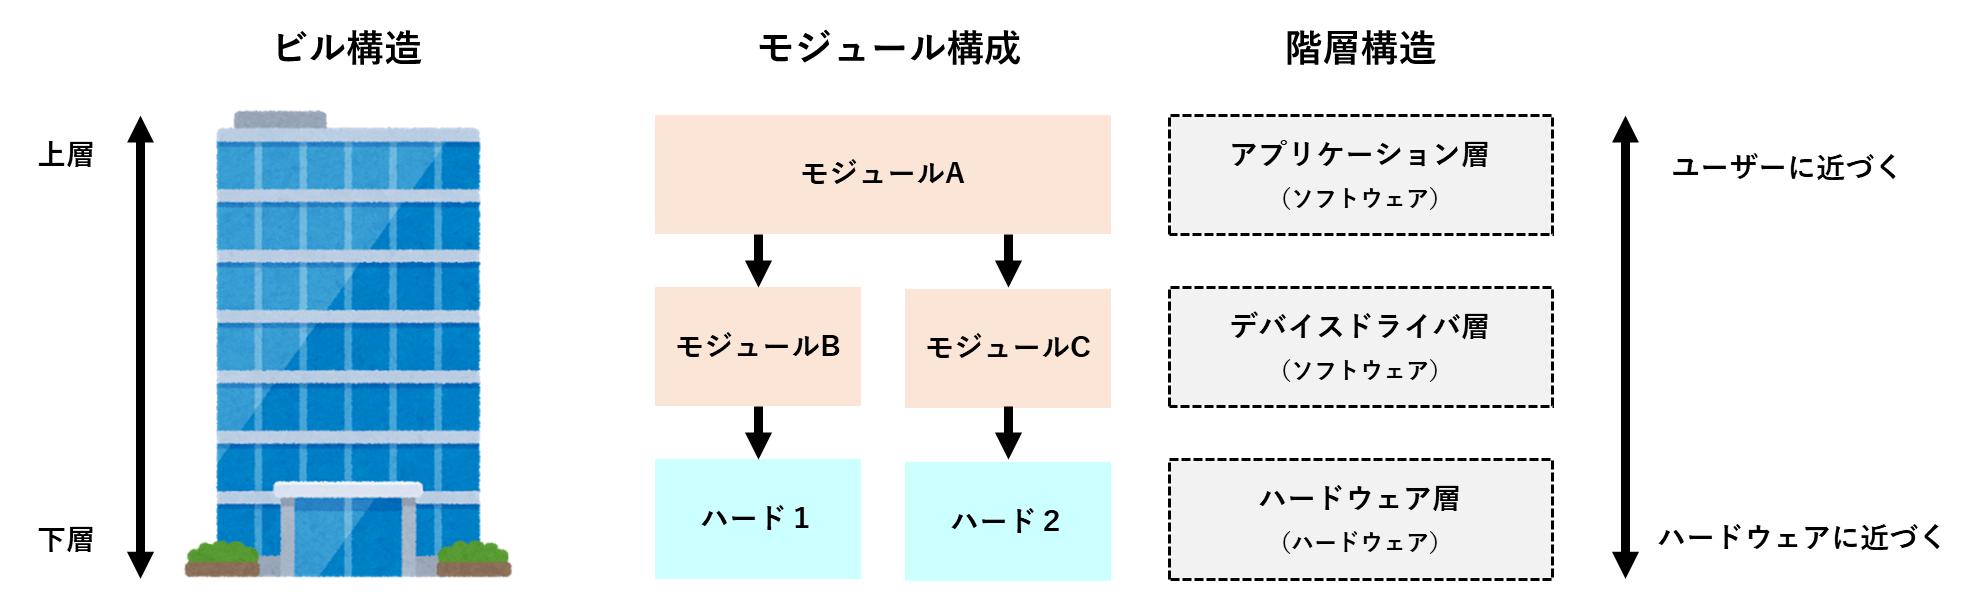 階層構造とモジュール構成